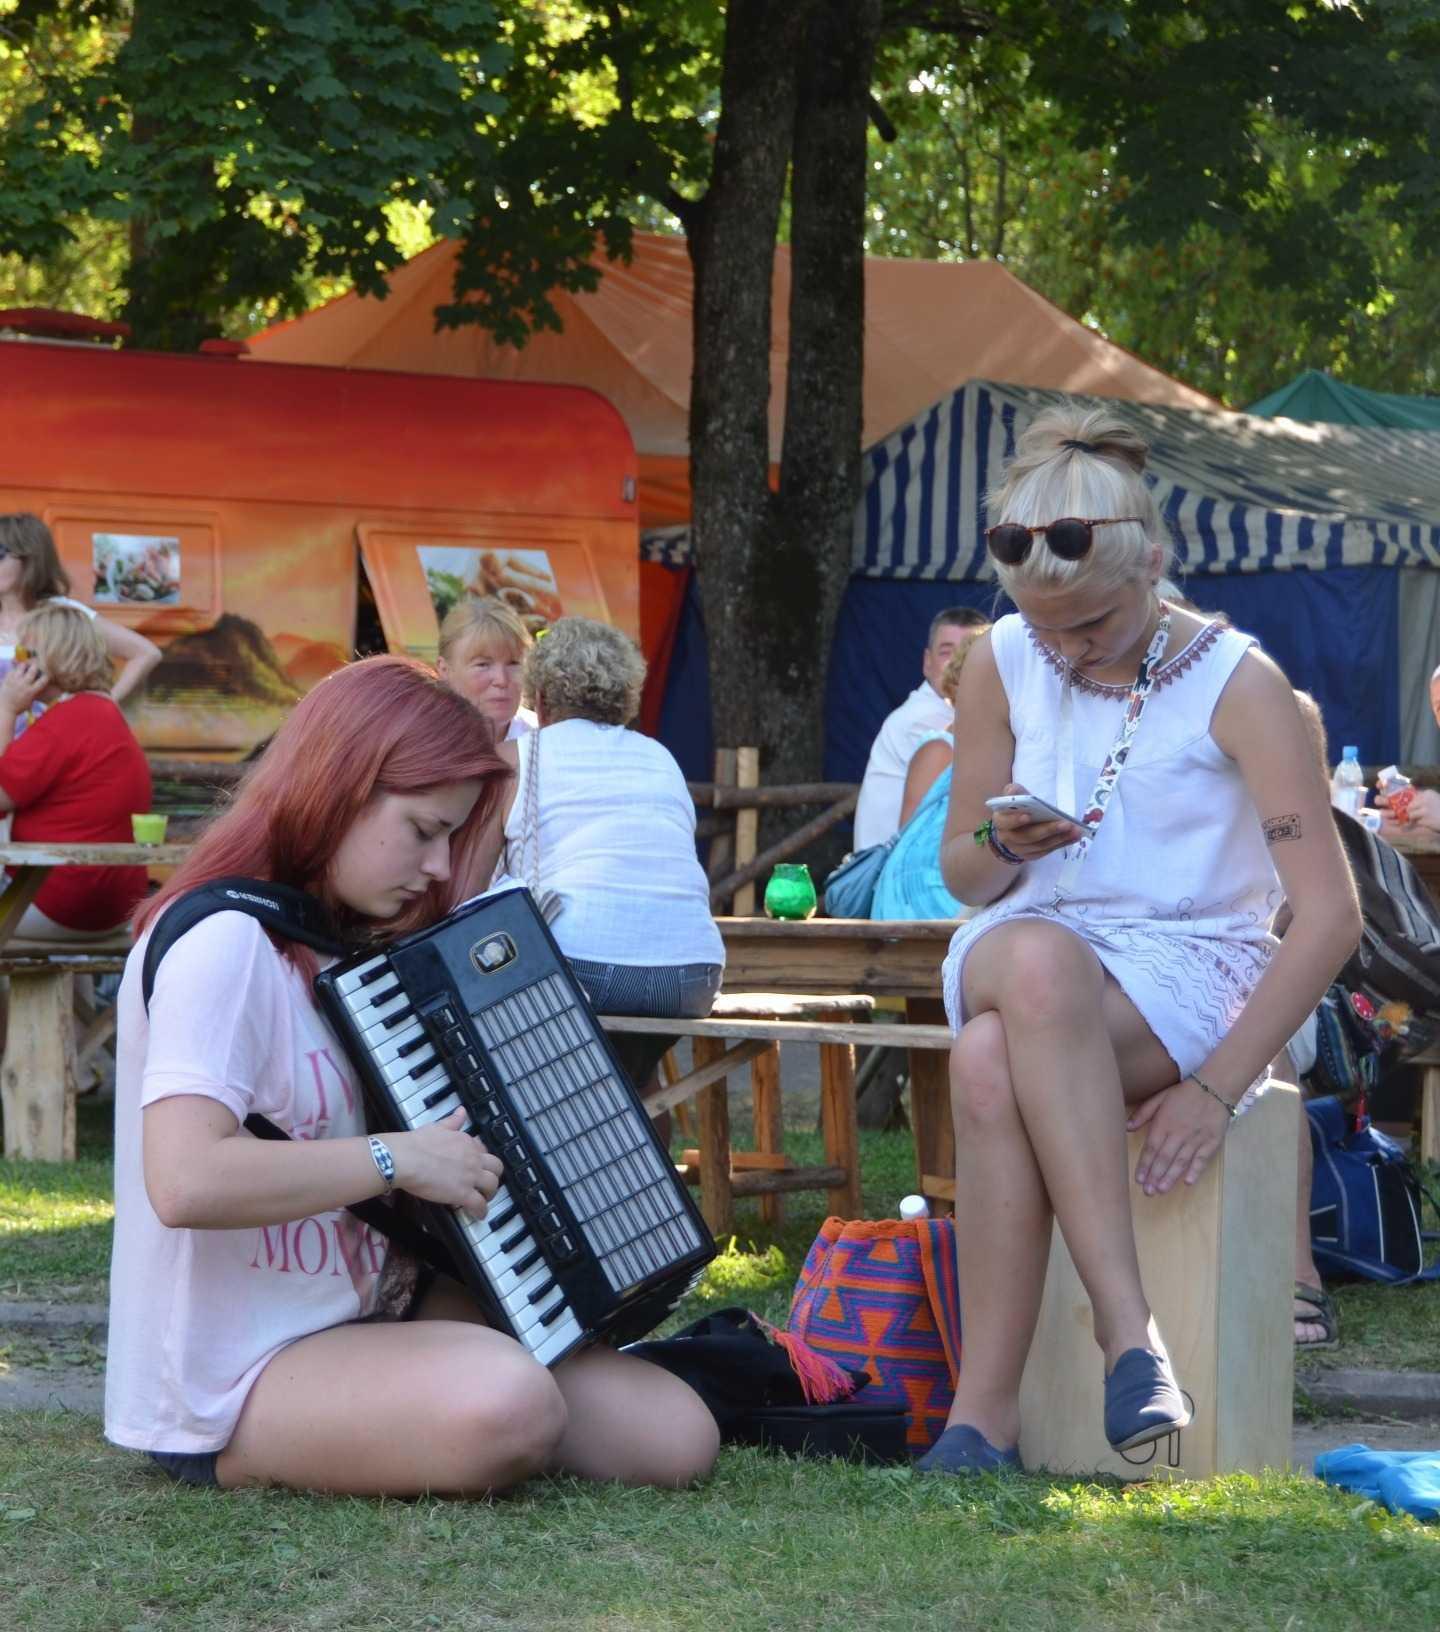 Viljandi Folk Müzik Festivalinden kareler…